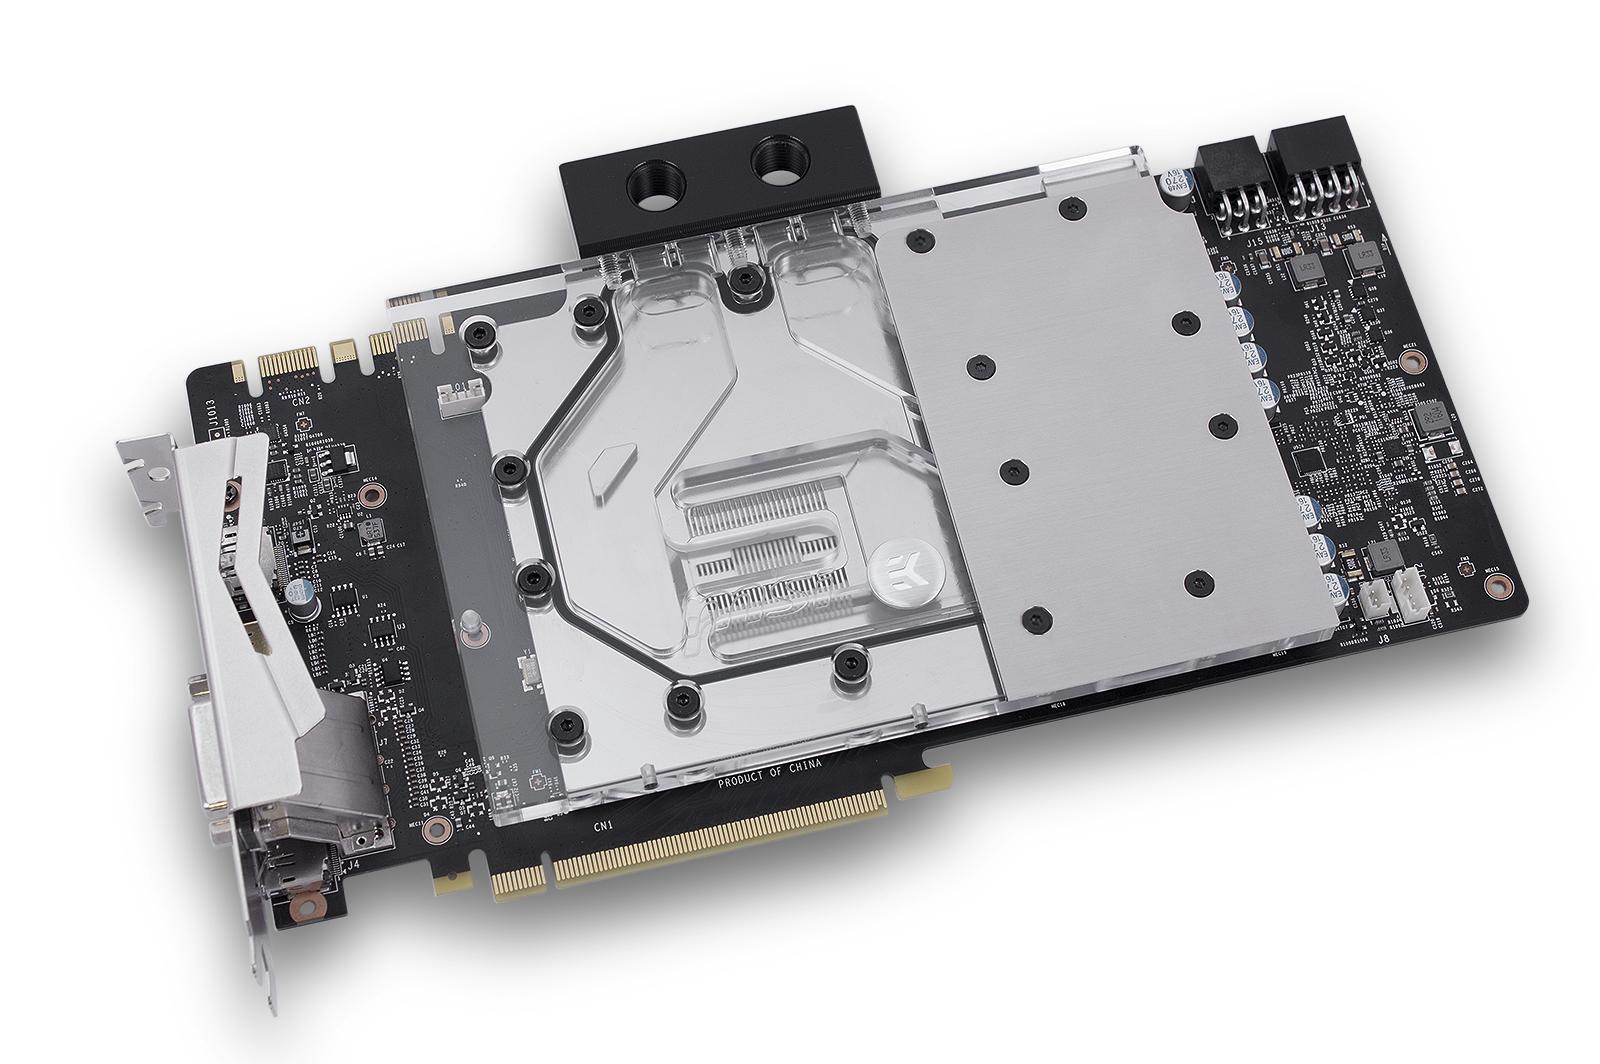 EK releases MSI® GeForce® GTX 1080 TF6 Full-Cover water